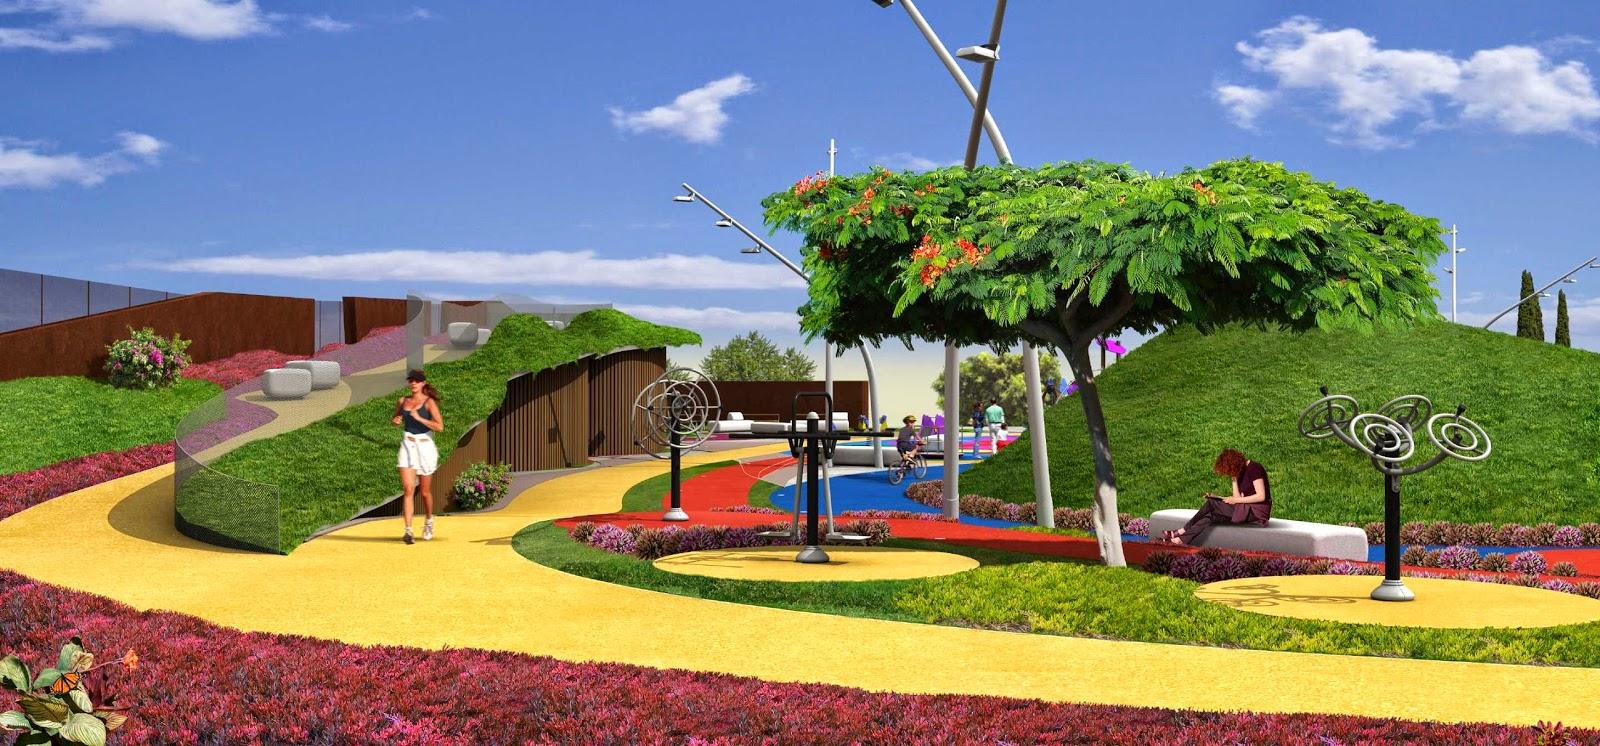 As ser el parque multifuncional de san fernando de maspalomas - Gran canaria tv com ...